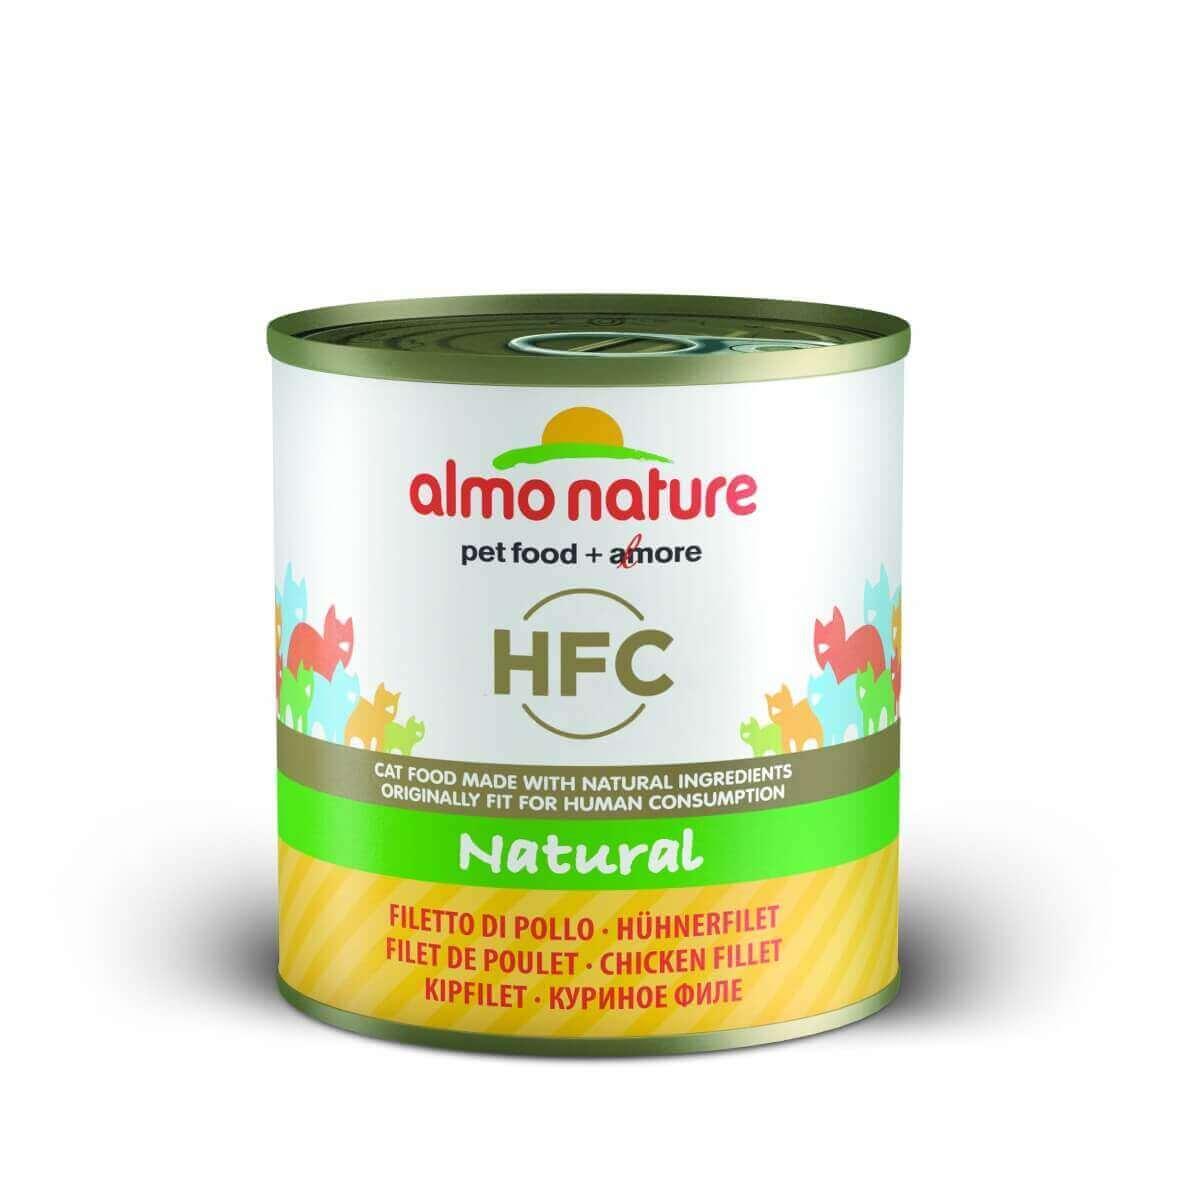 Pâtée Almo Nature HFC Natural pour chat 280g_3